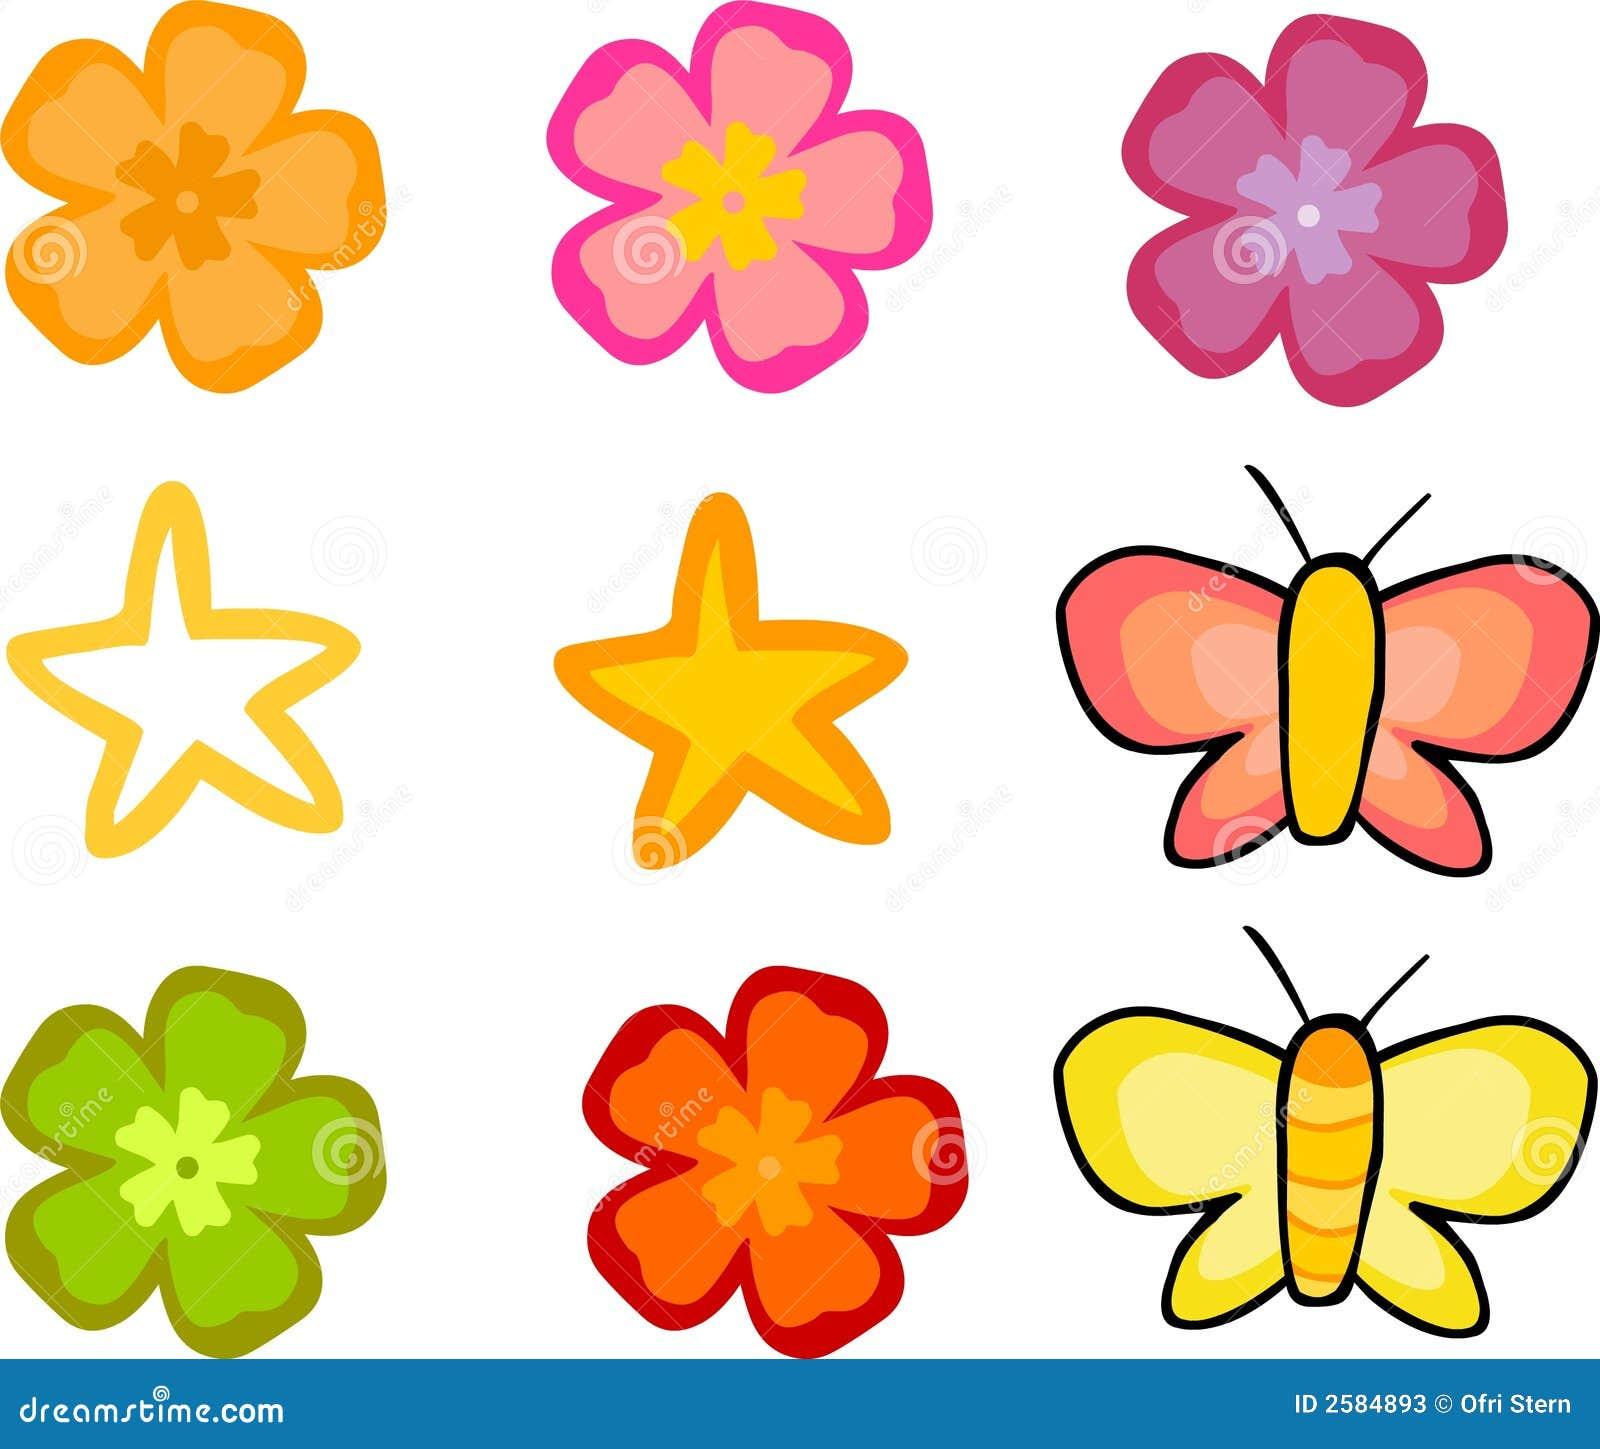 Caricatura marco corazones y flores con las mariposas foto - Marcos de corazones para fotos ...